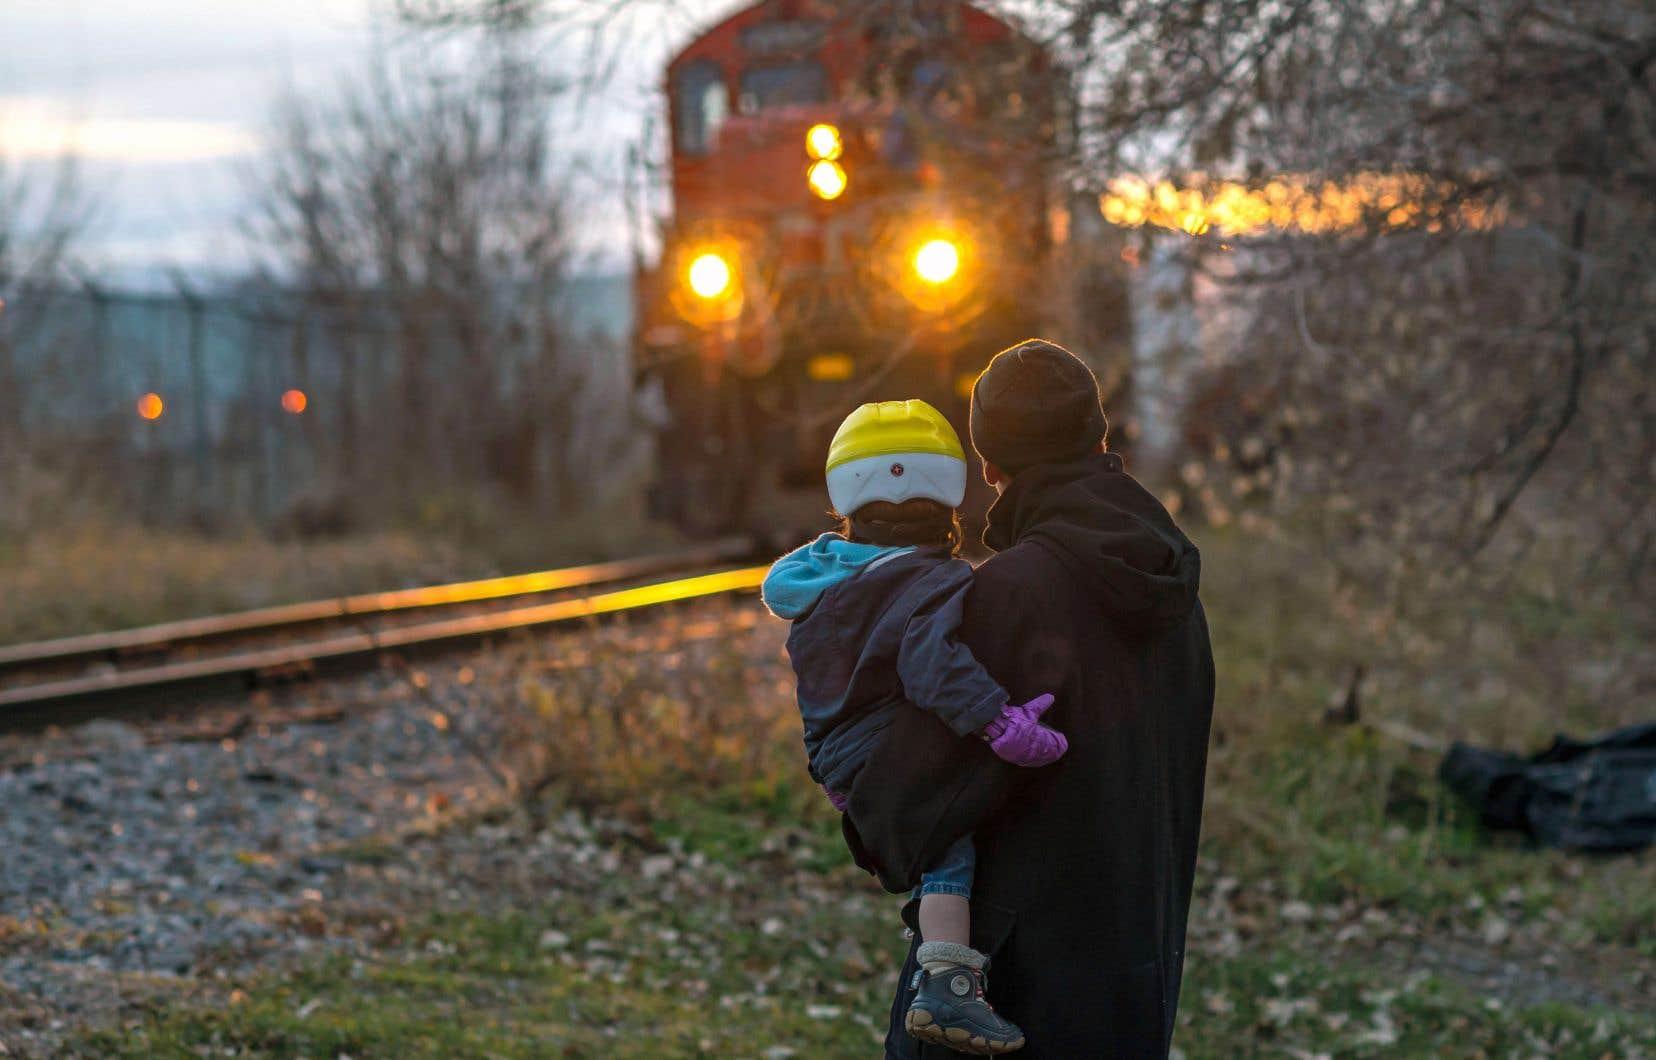 Depuis près de 25ans, organismes, experts et politiciens s'inquiètent de voir les Montréalais traverser la voie ferrée — qui coupe certains quartiers de la métropole en deux — pour réduire la durée de leurs trajets quotidiens.